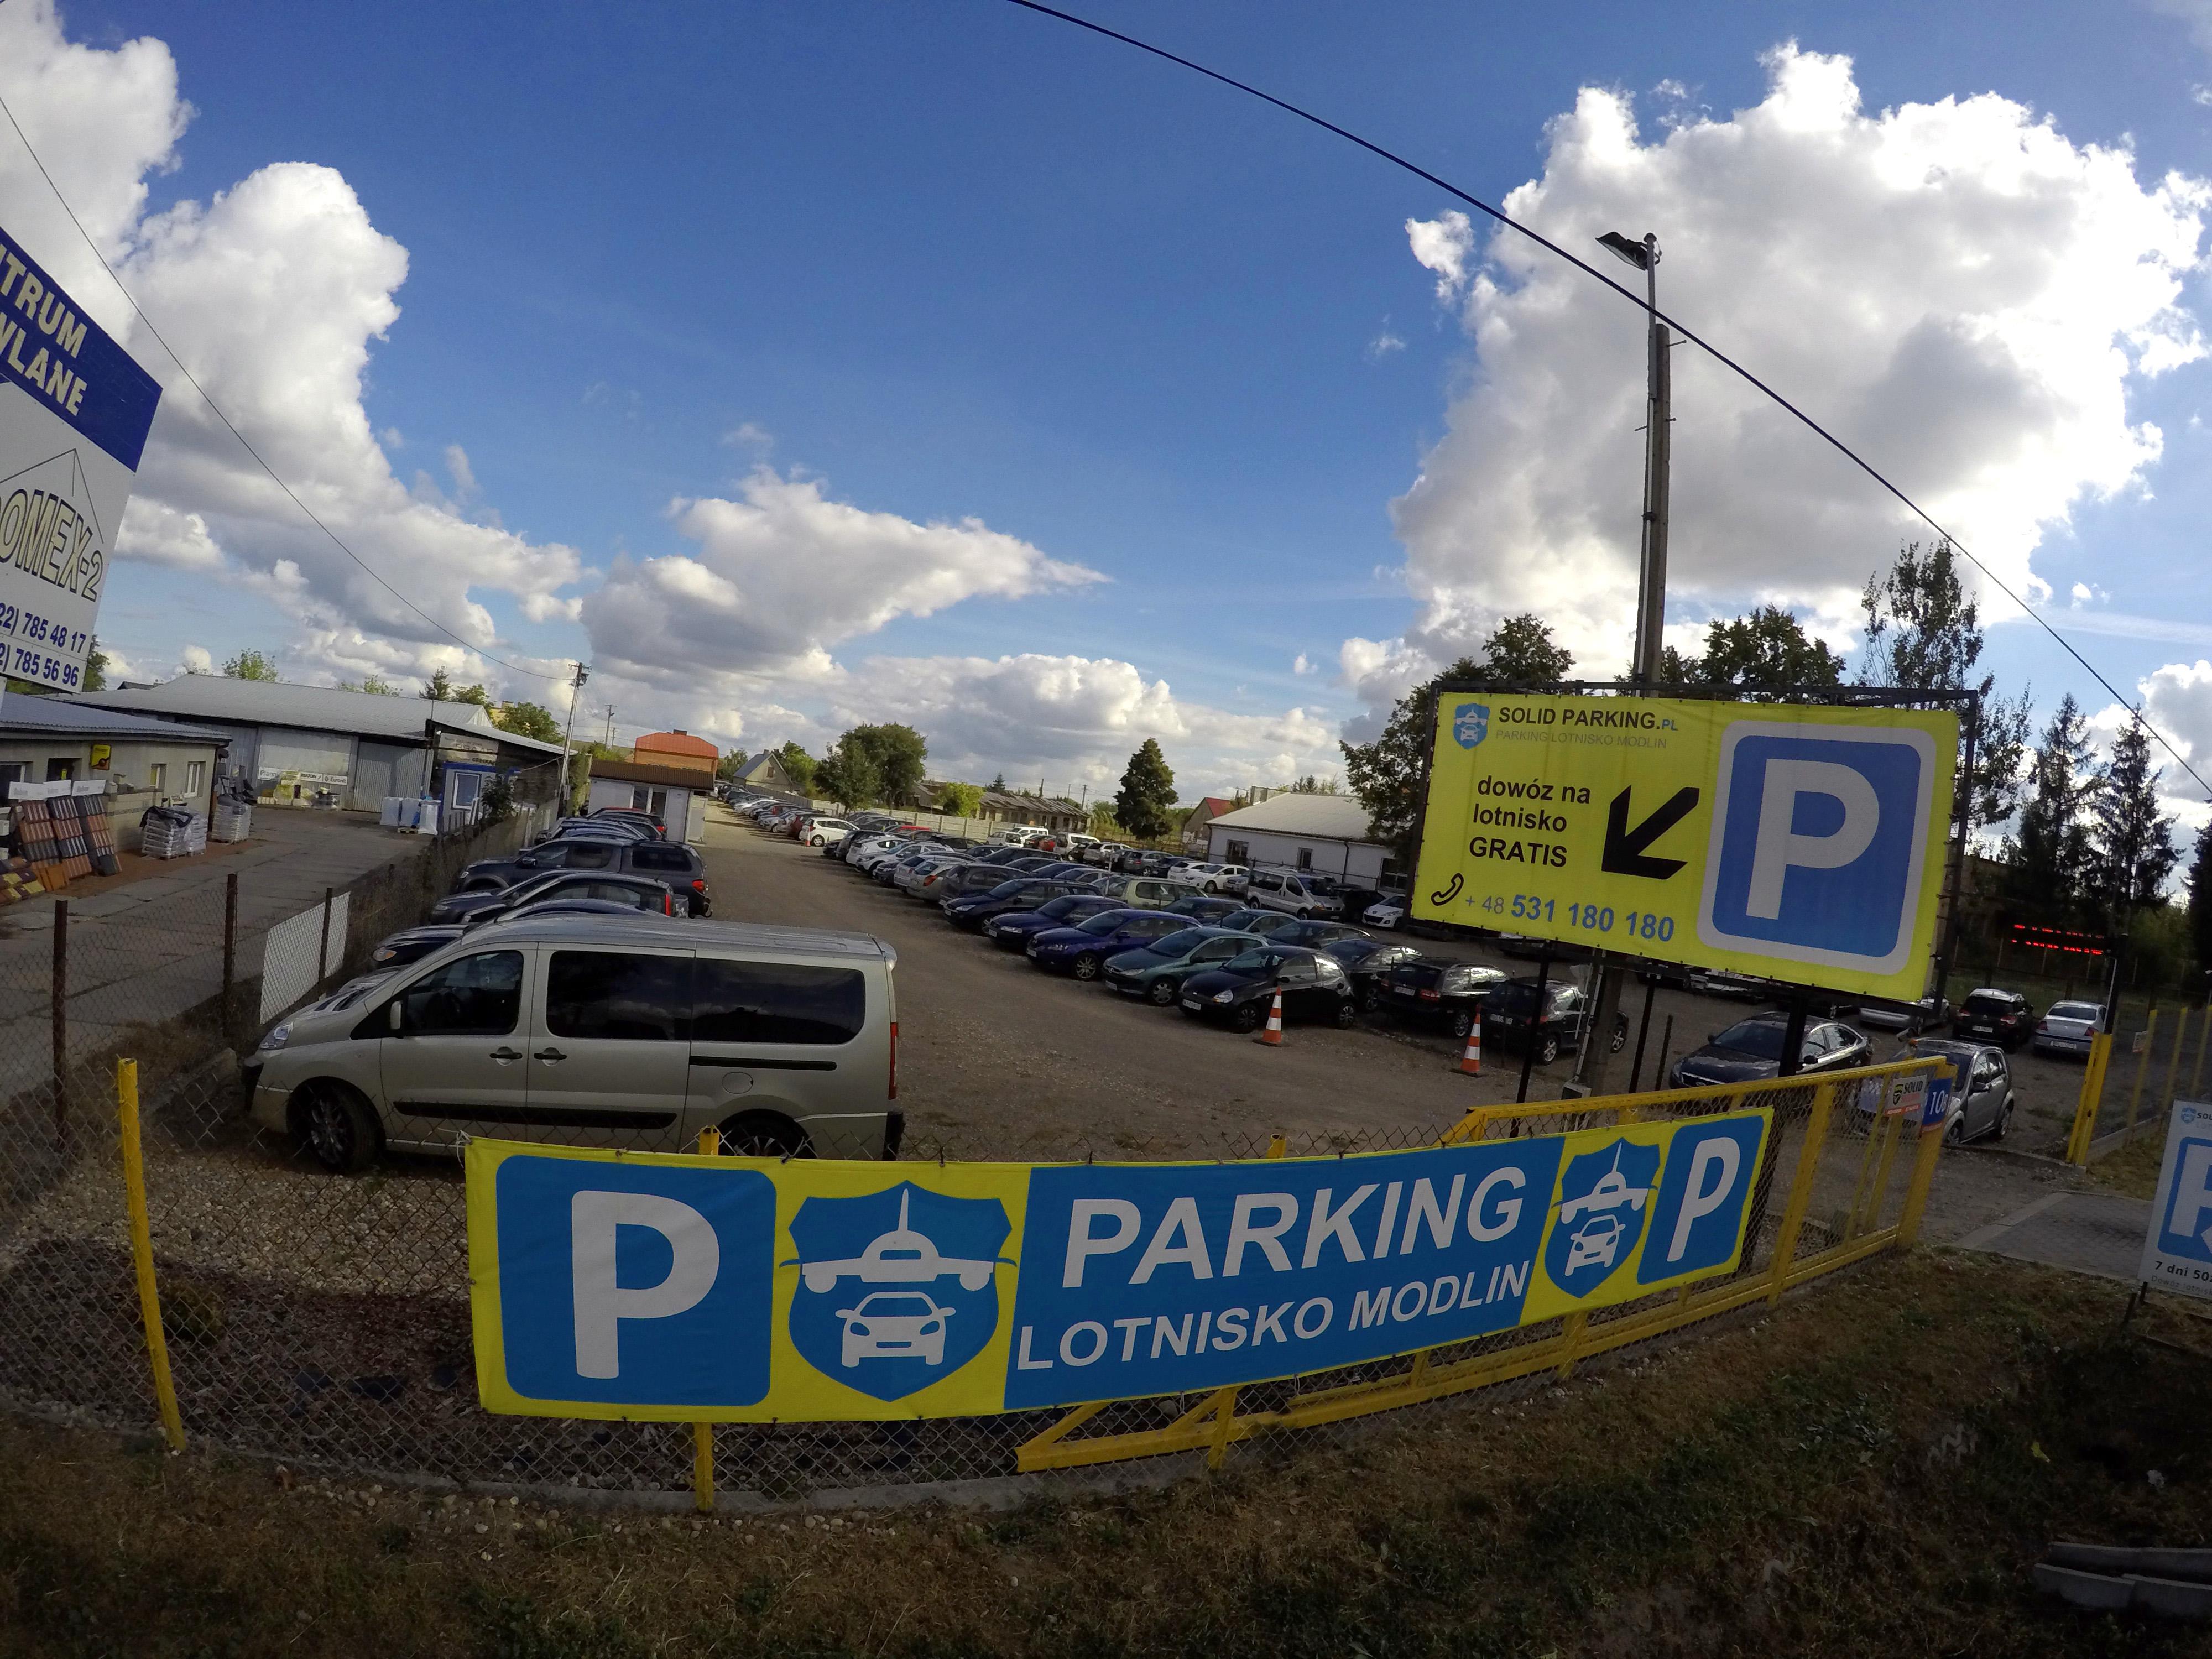 modlin parking lotnisko